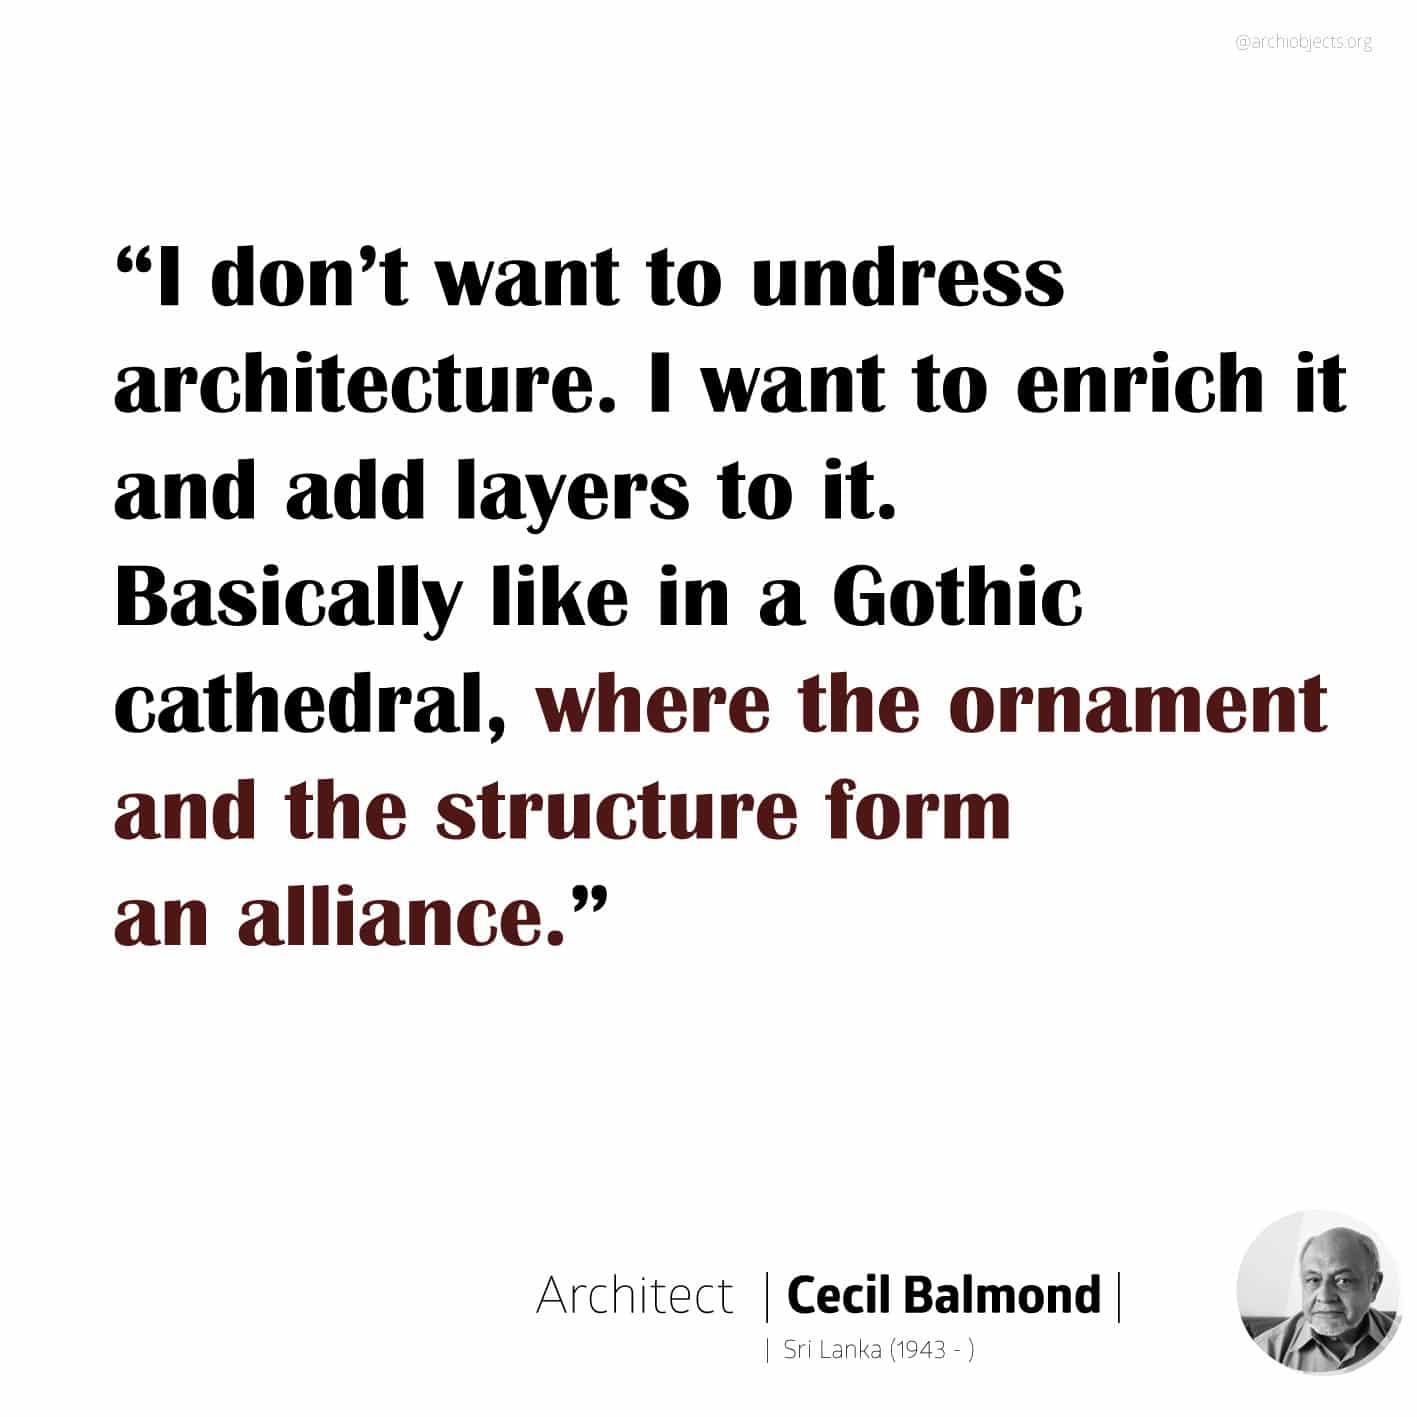 cecil balmond quote